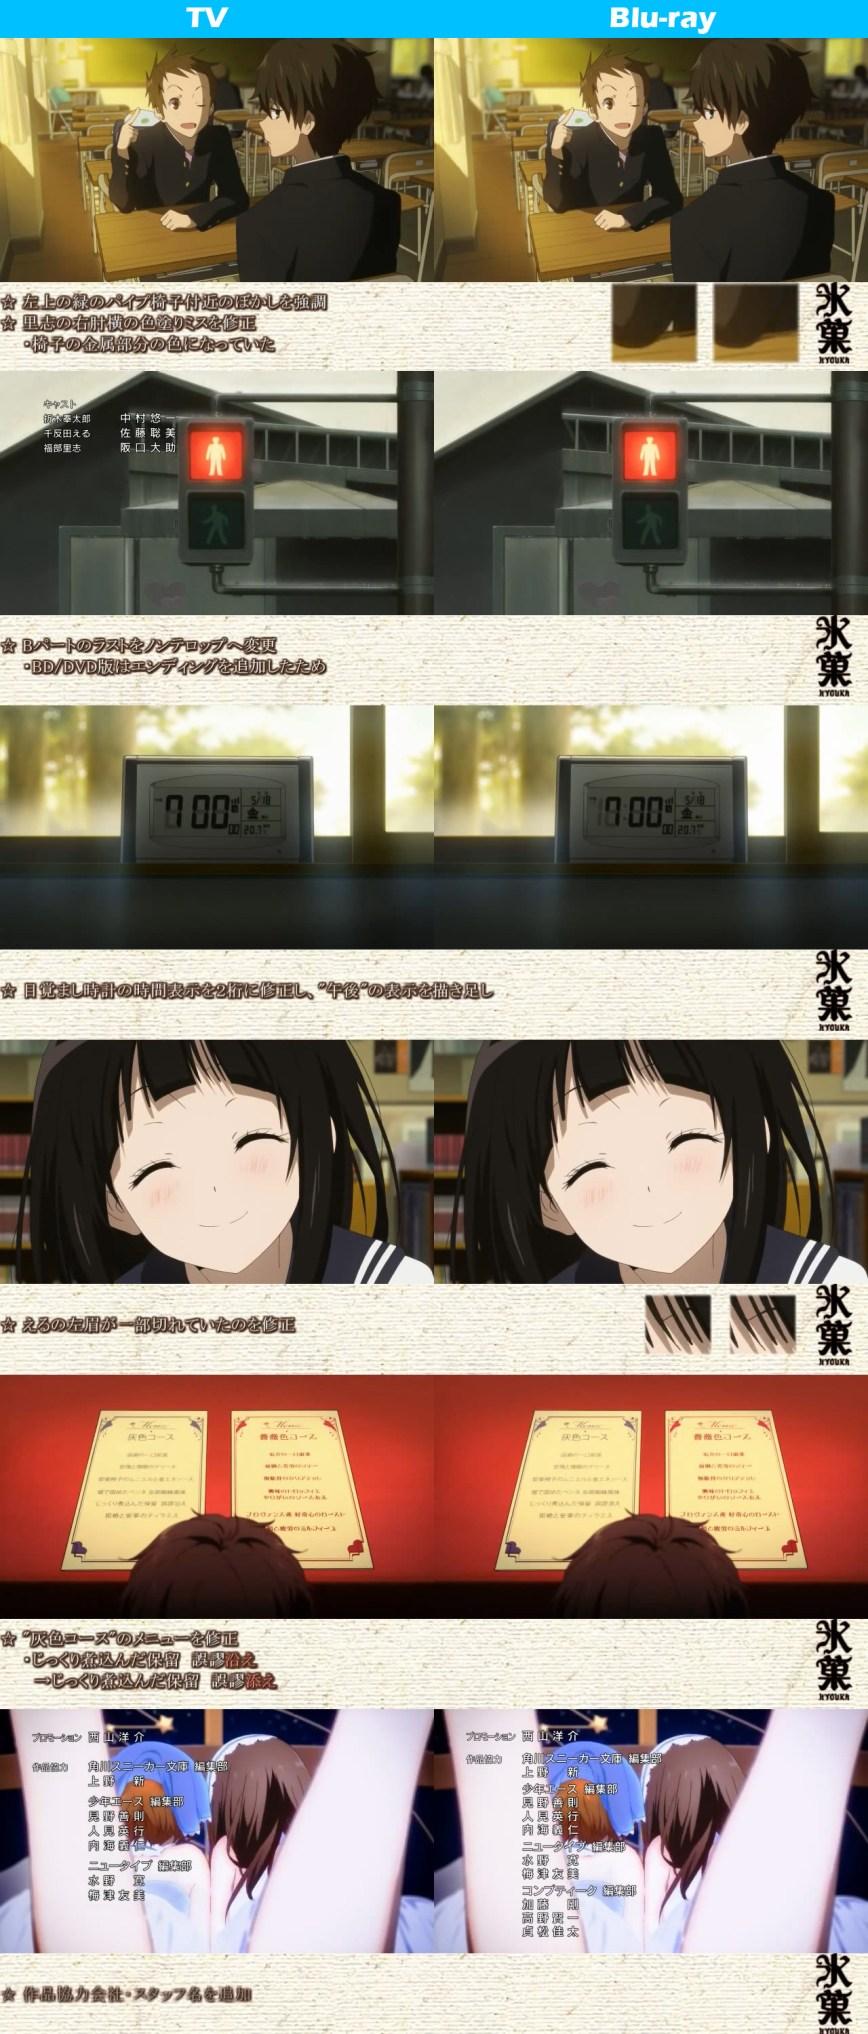 Hyouka-TV-vs-Blu-ray-Comparison